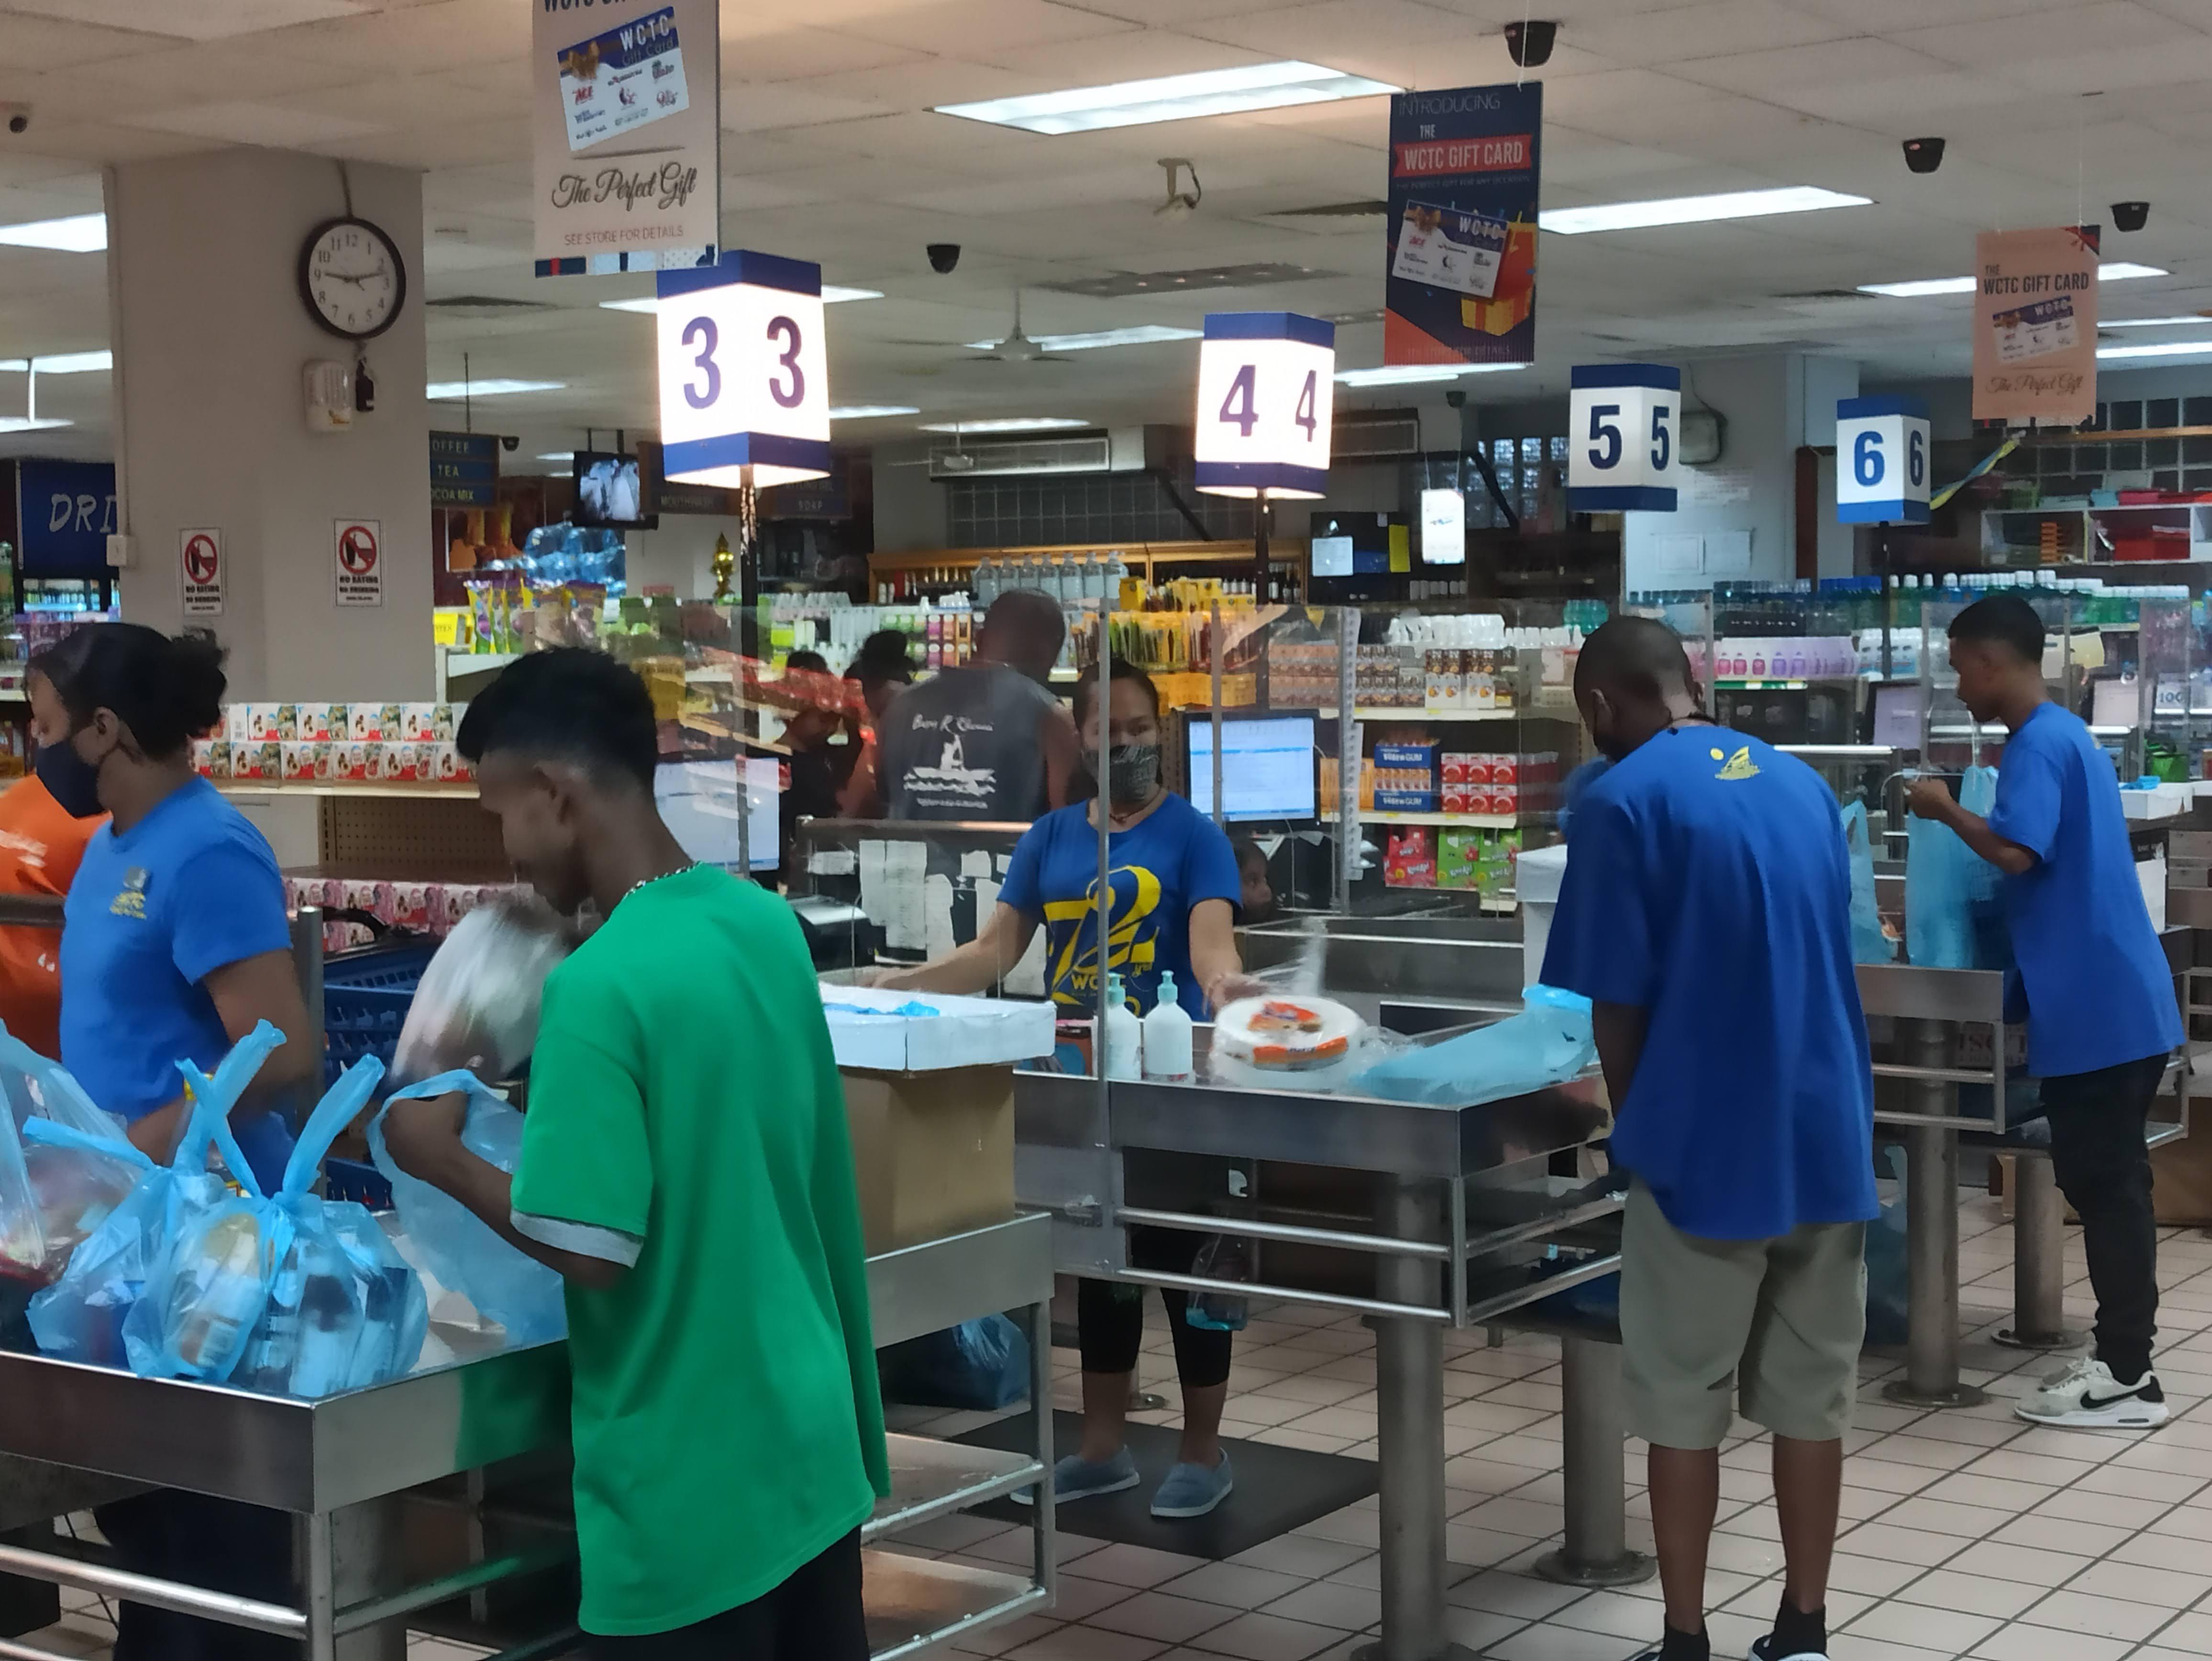 パラオショッピングセンターのレジ打ちと袋詰めスタッフ